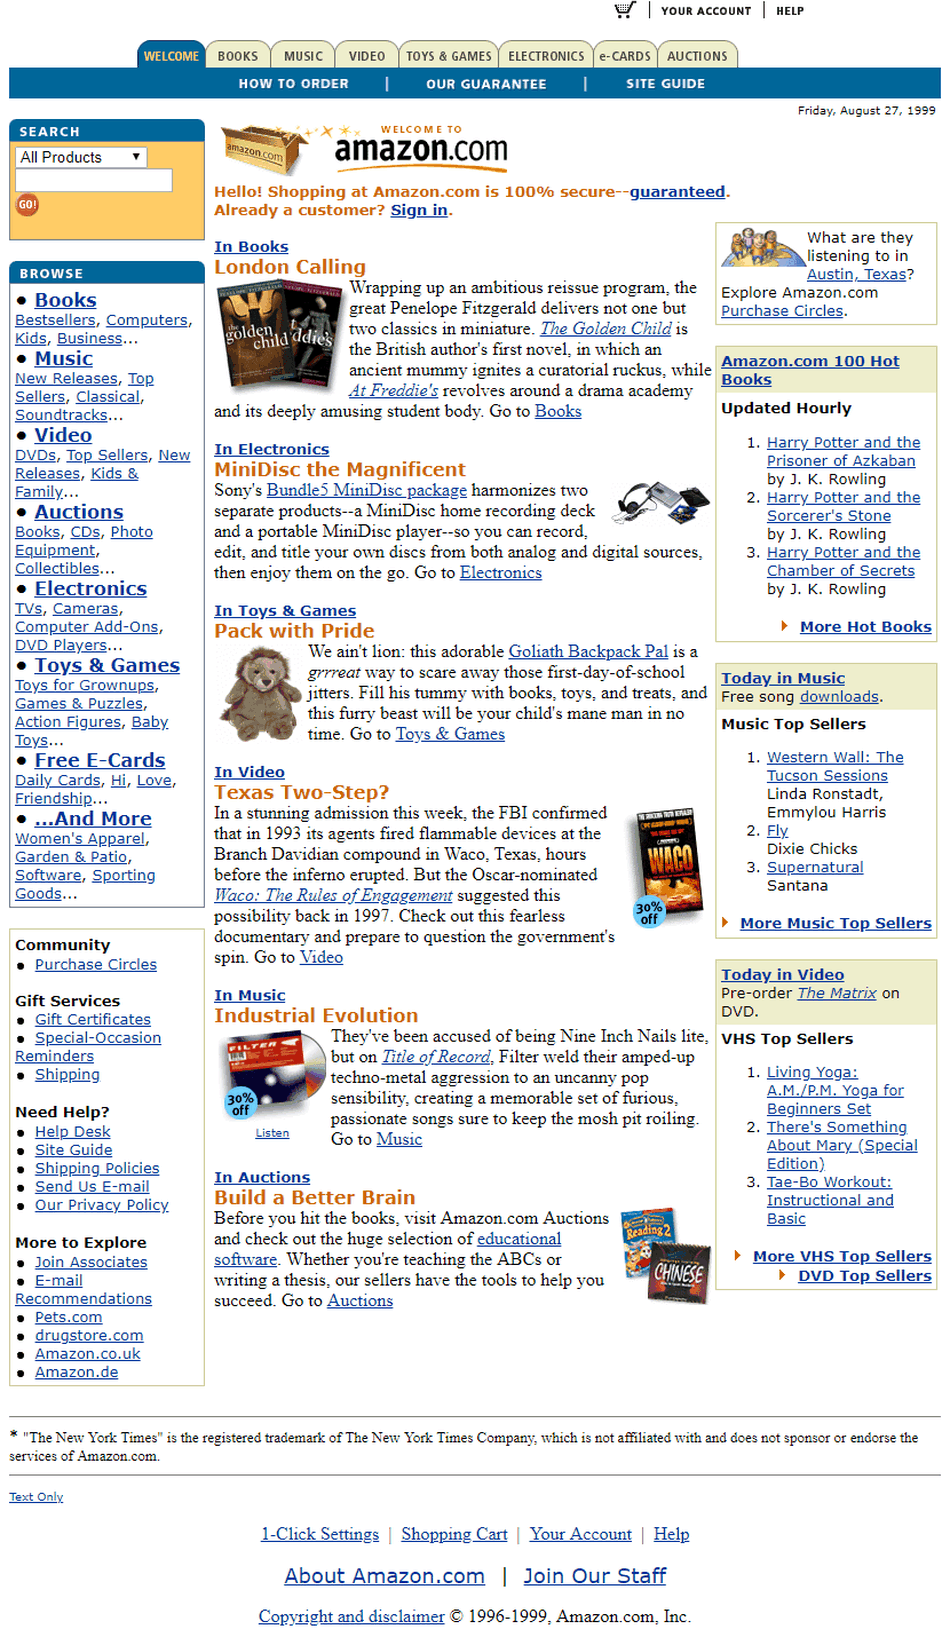 Amazon v roku 1999